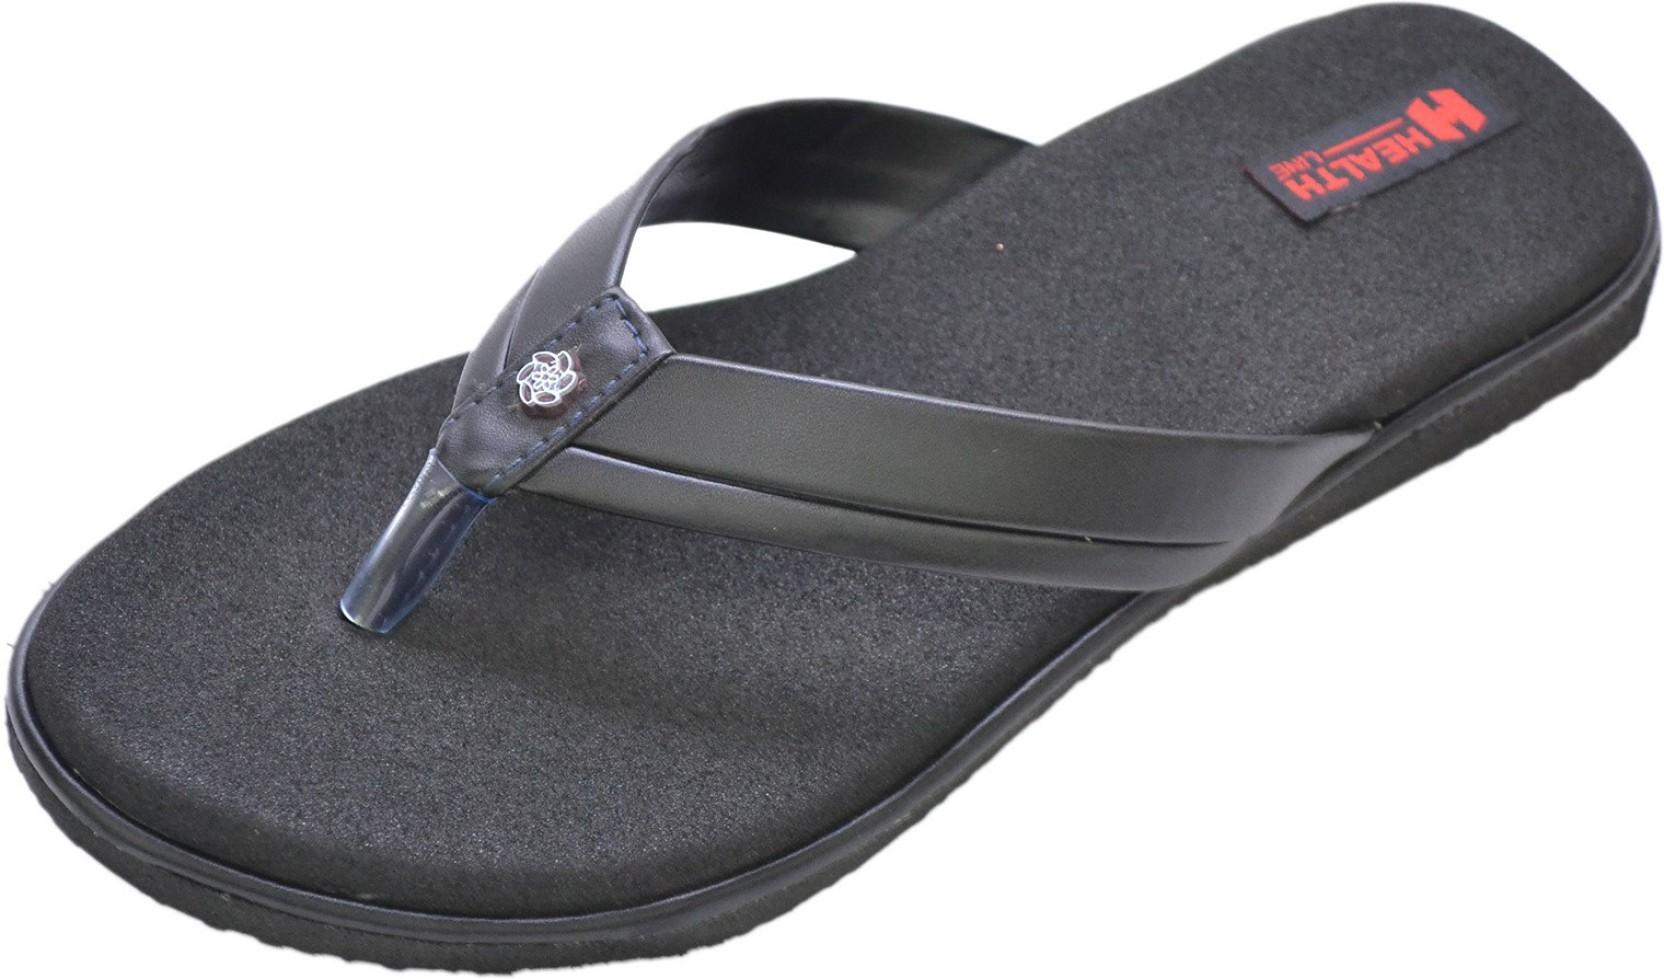 c3cd67cc6e Healthline Mcp Slippers - Buy Black Color Healthline Mcp Slippers ...